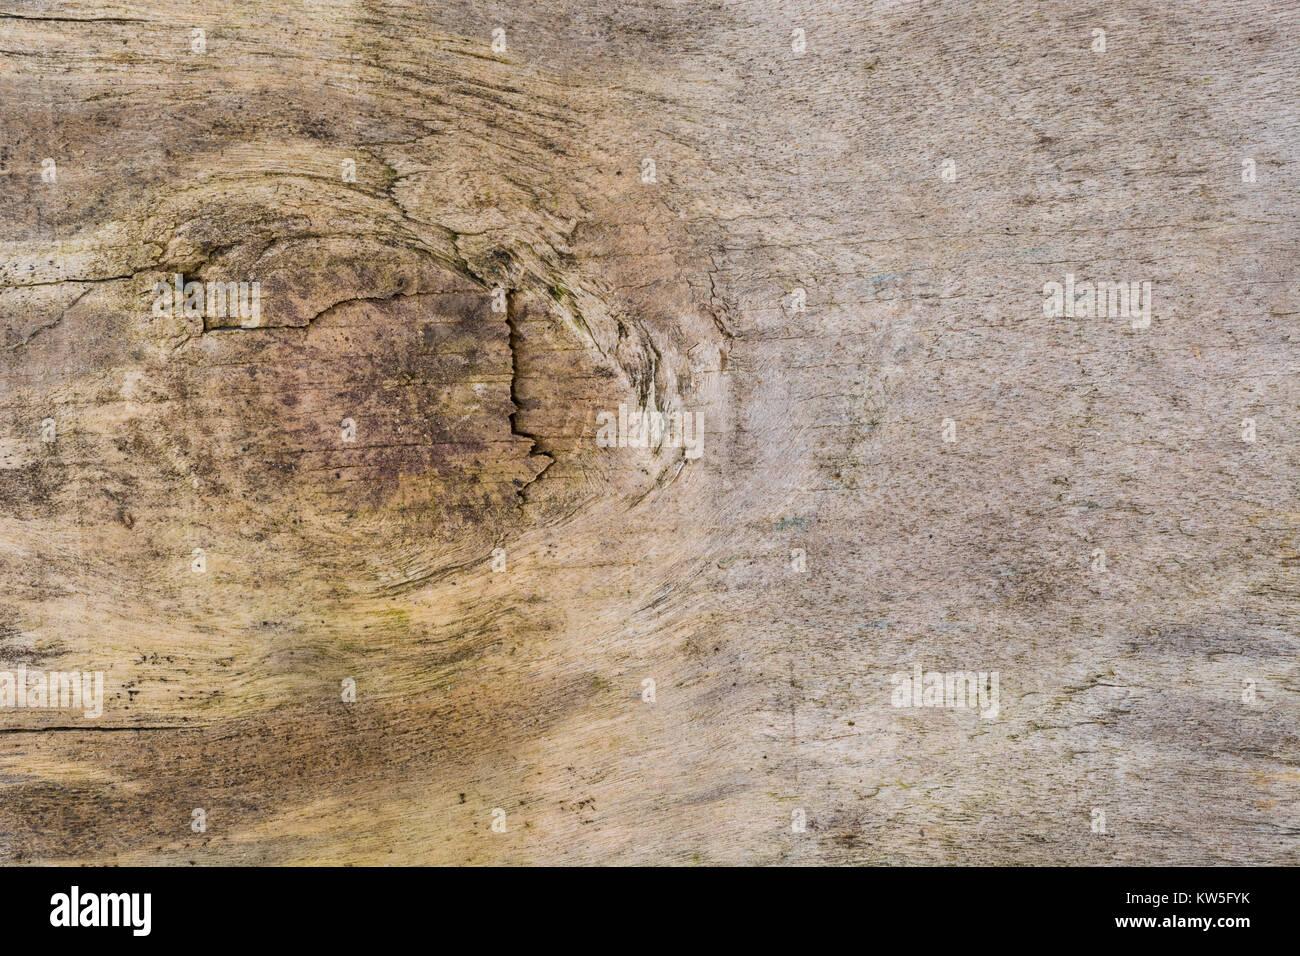 Makro - Foto von der Oberfläche eines Stück des Alterns Sperrholz. Stockbild